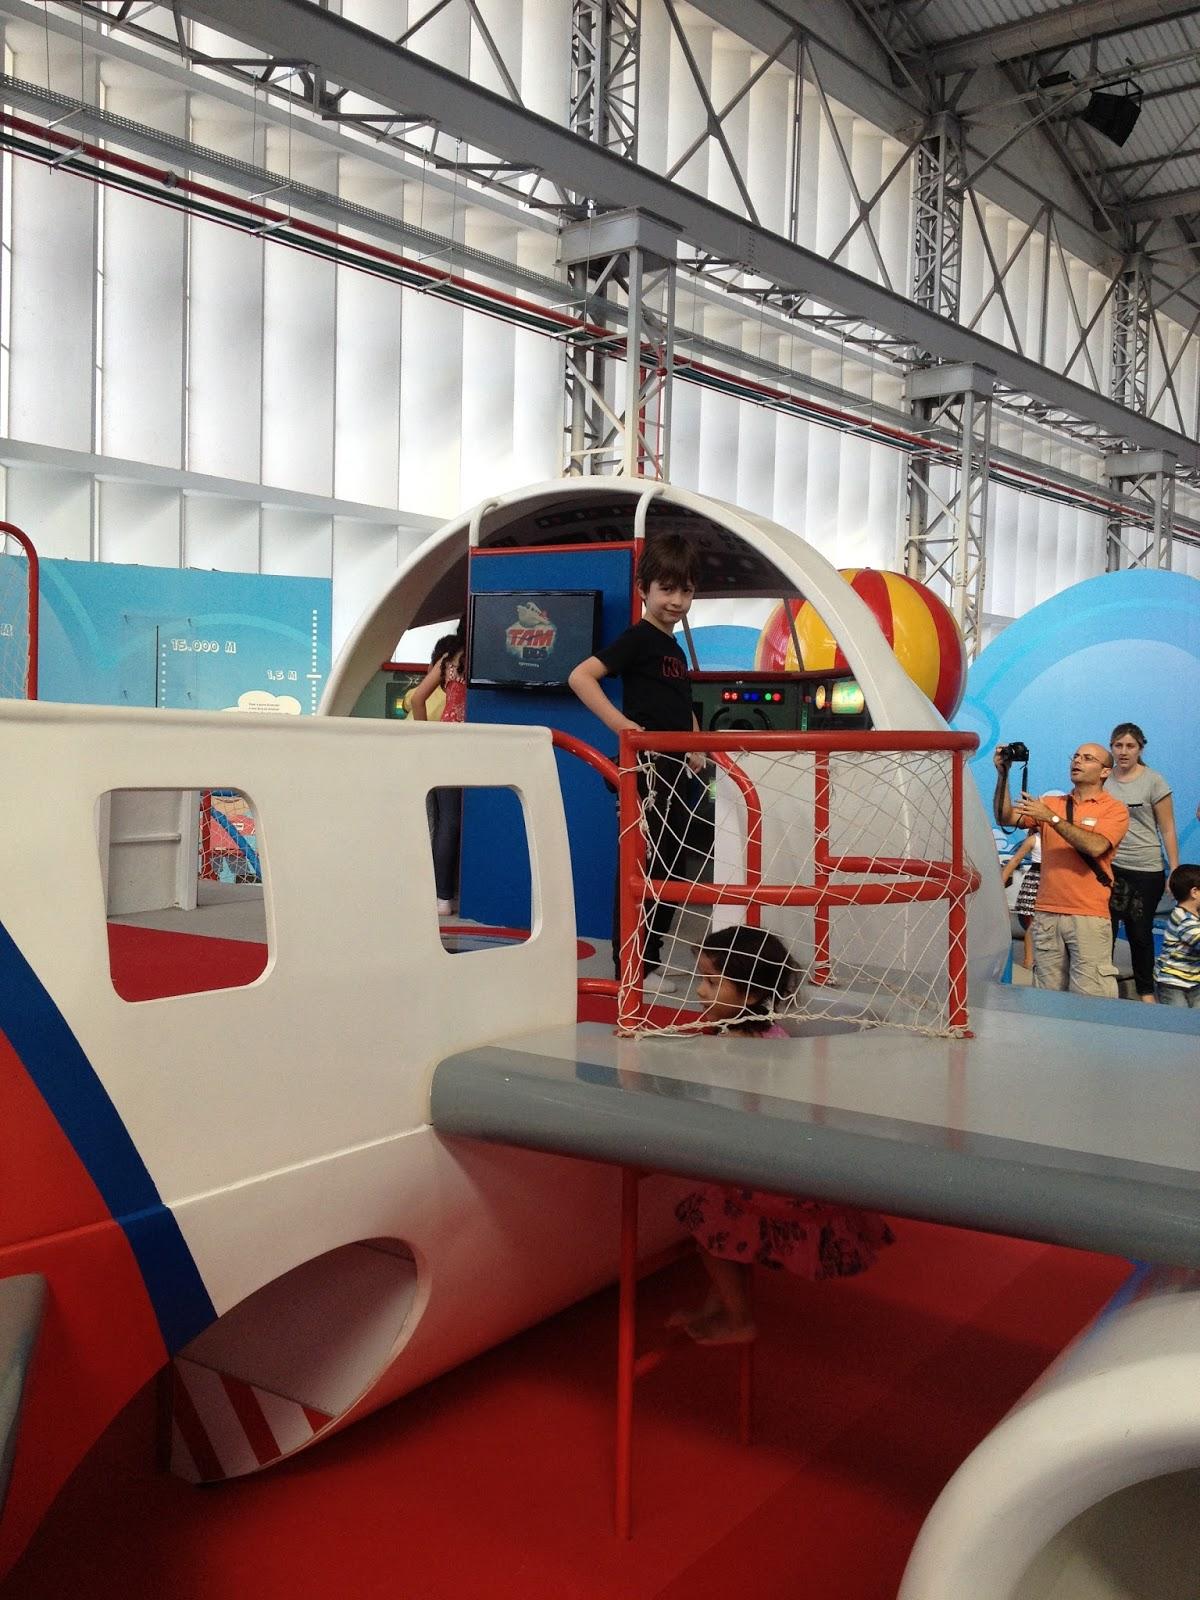 Passeio de férias: Museu Tam Bagagem de MãeBagagem de Mãe #103666 1200x1600 Banheiro Avião Tam